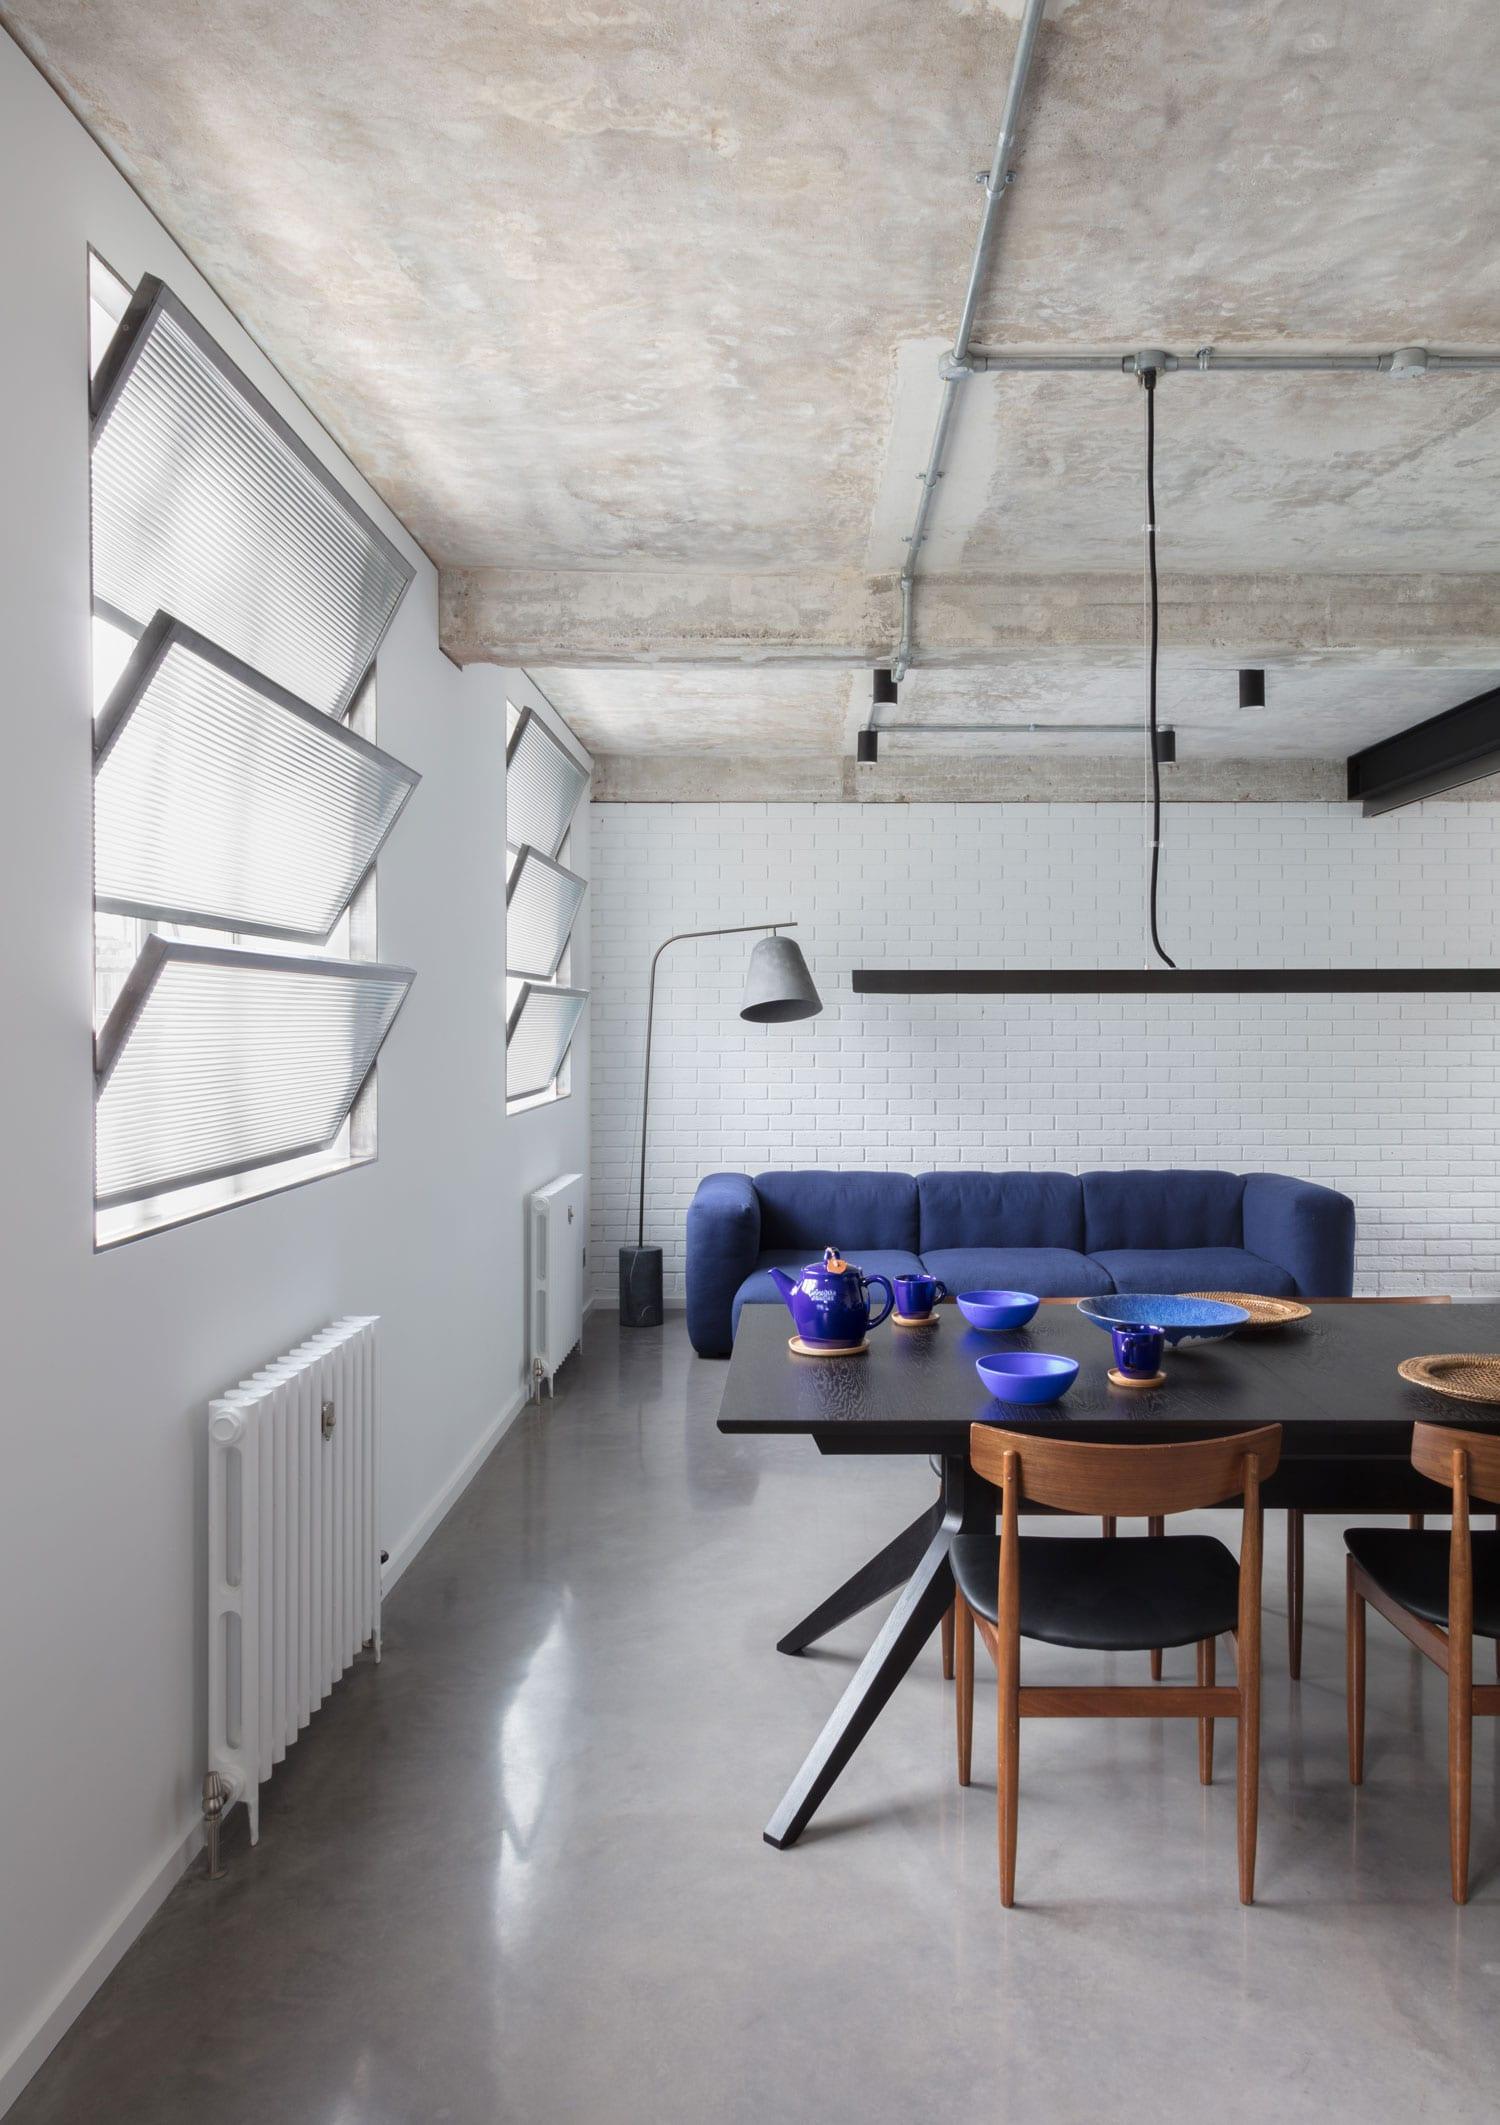 Minimalist London Home Extension By Nicholas Szczepaniak Architects